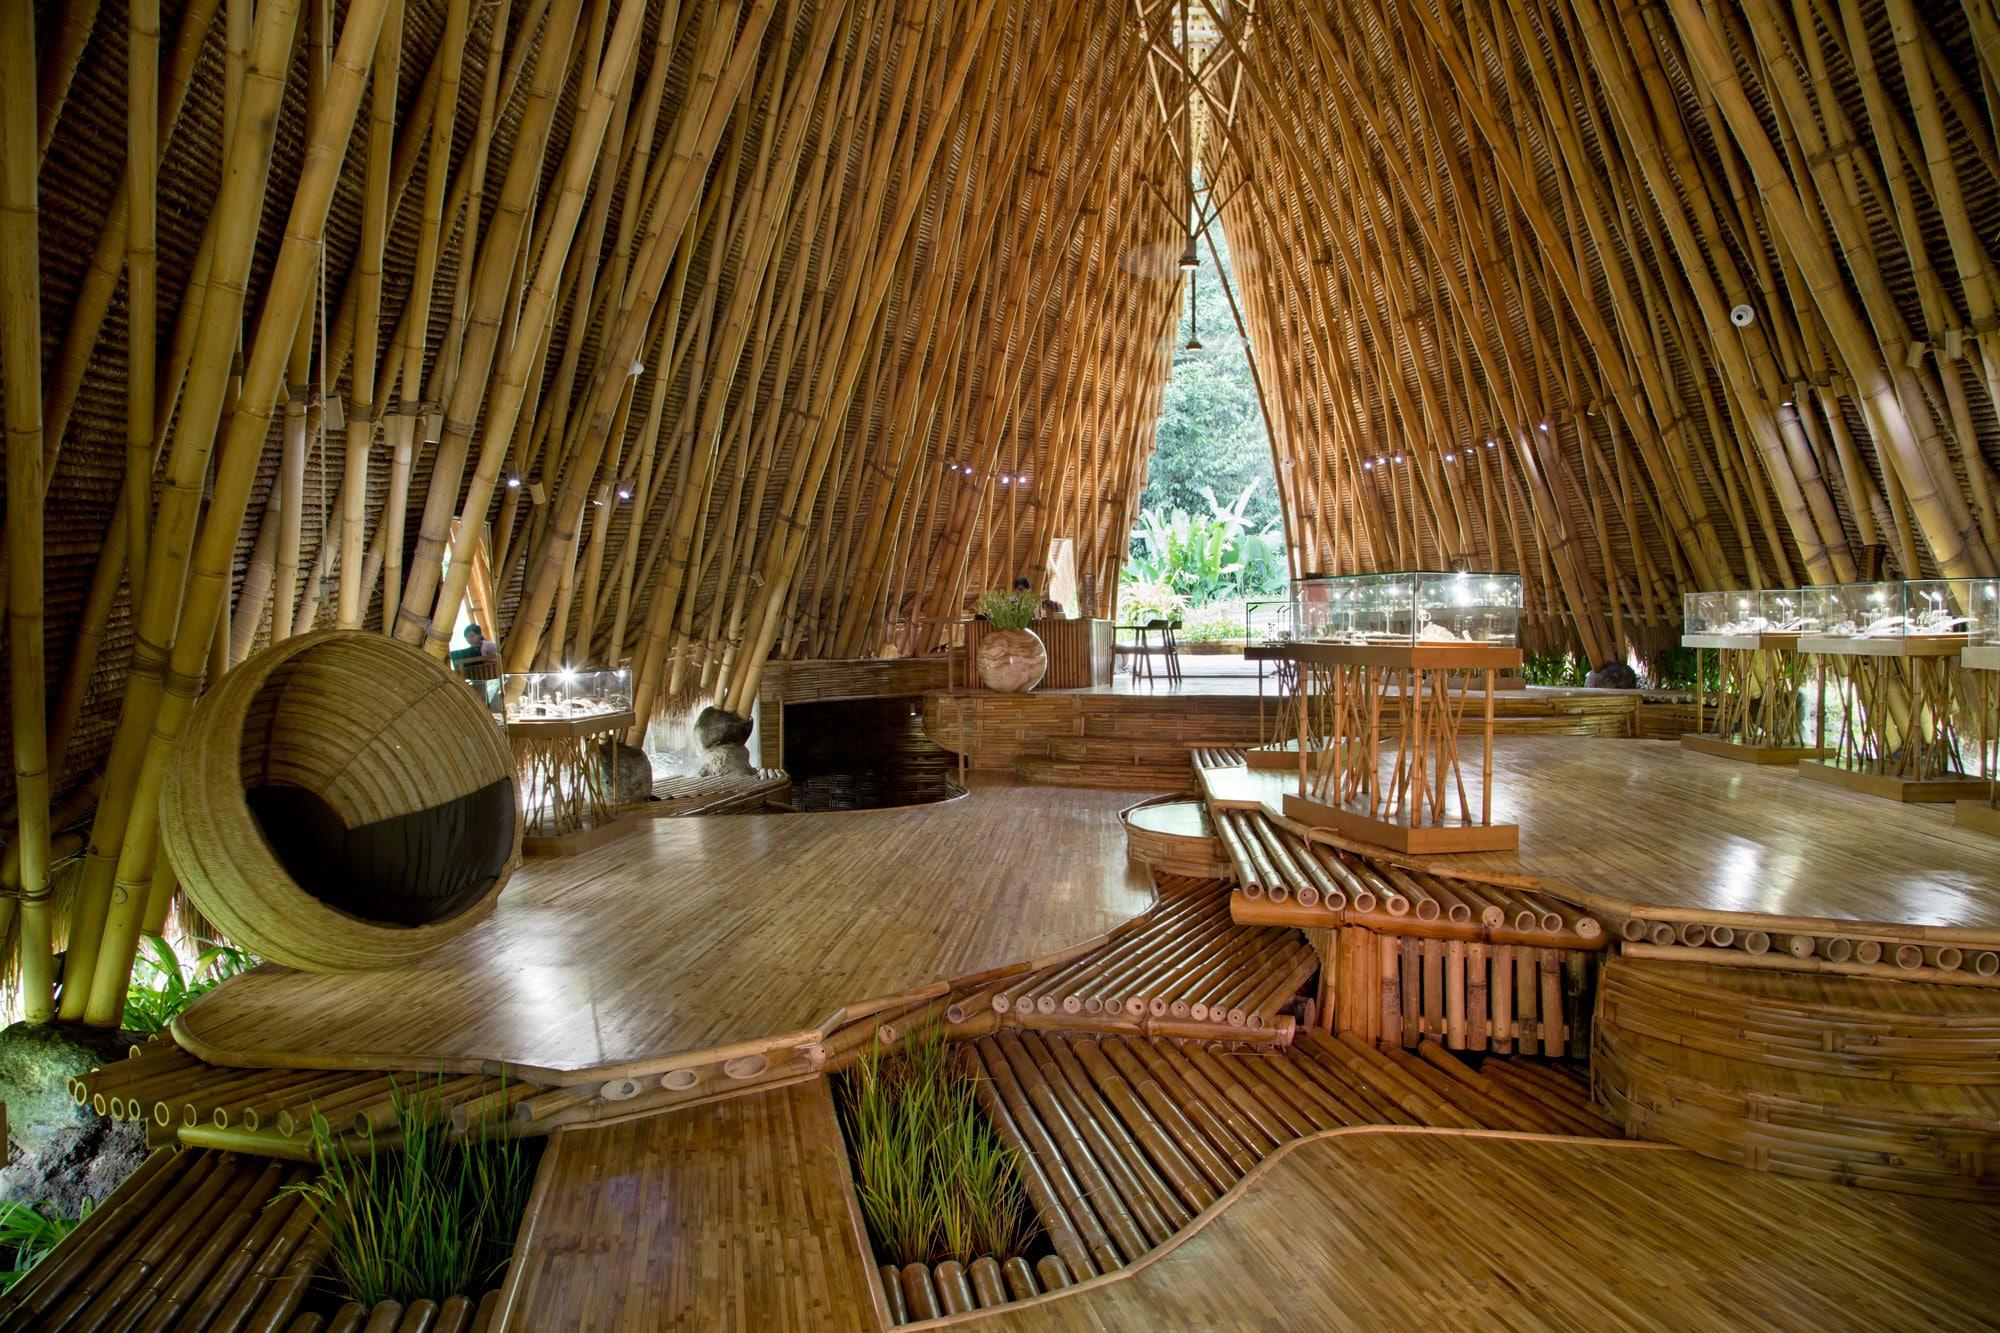 Bali Bamboo Village Tour